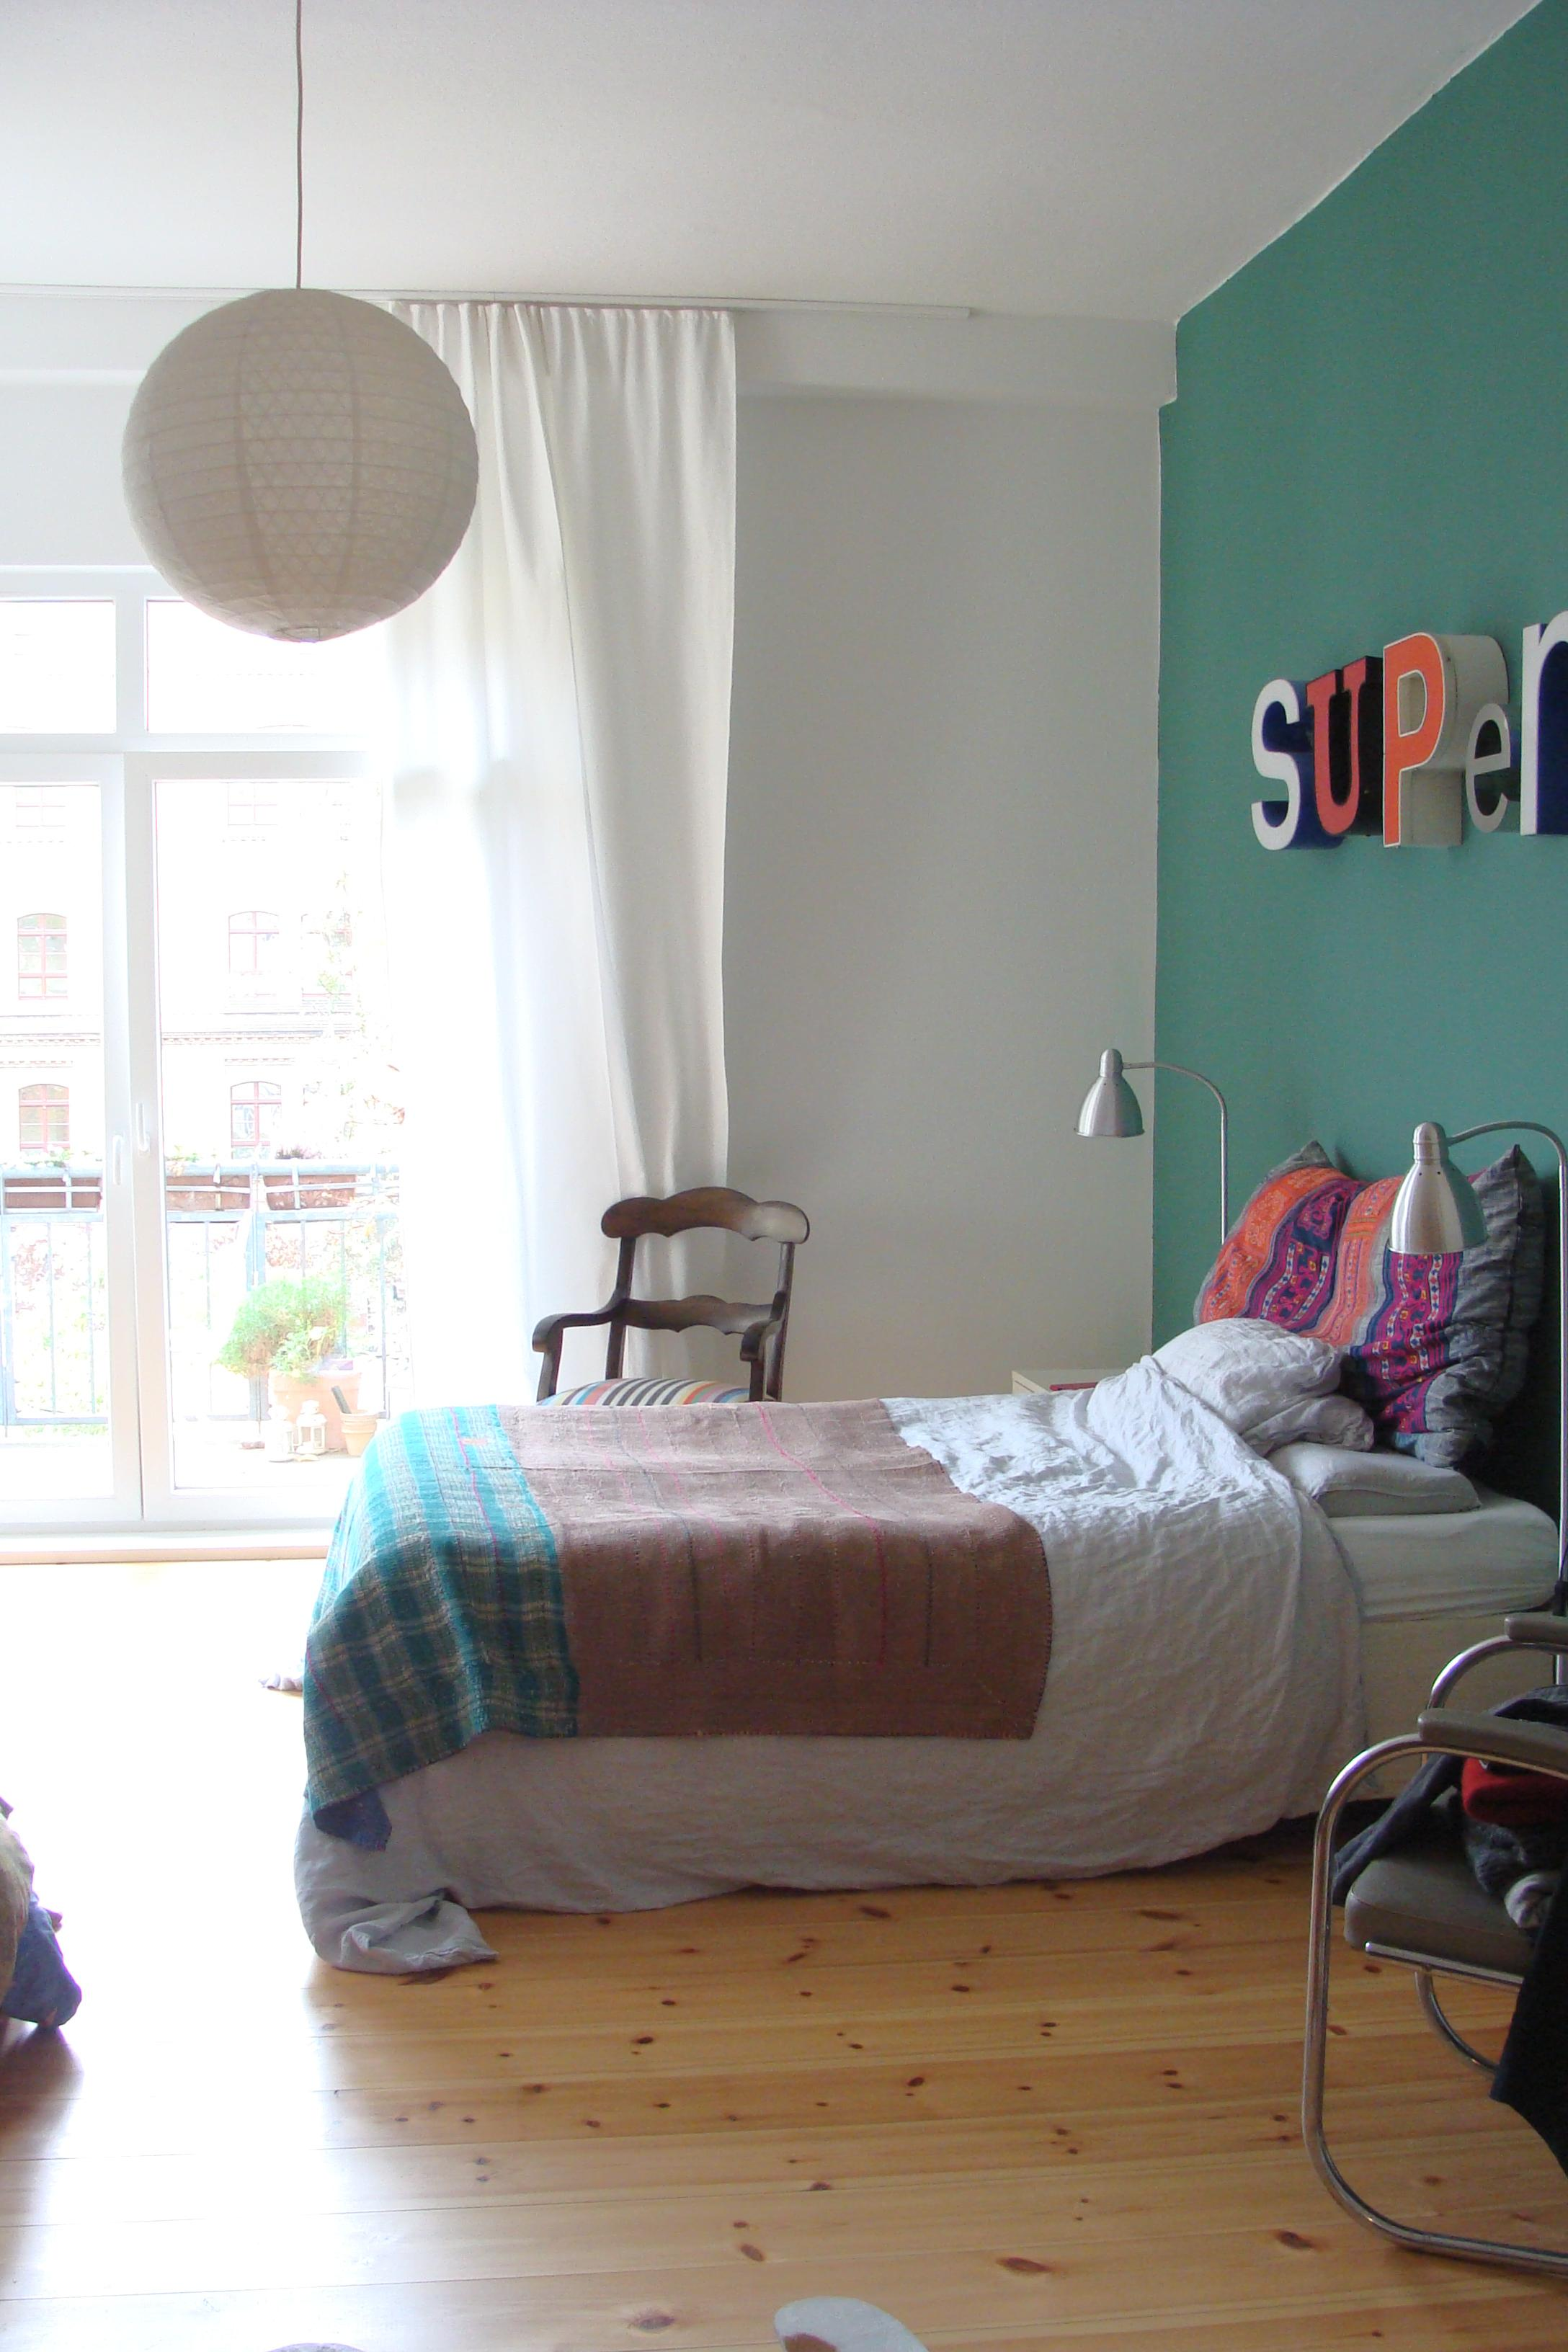 bett in der wand diy murphy wand bett mechanismus mit. Black Bedroom Furniture Sets. Home Design Ideas